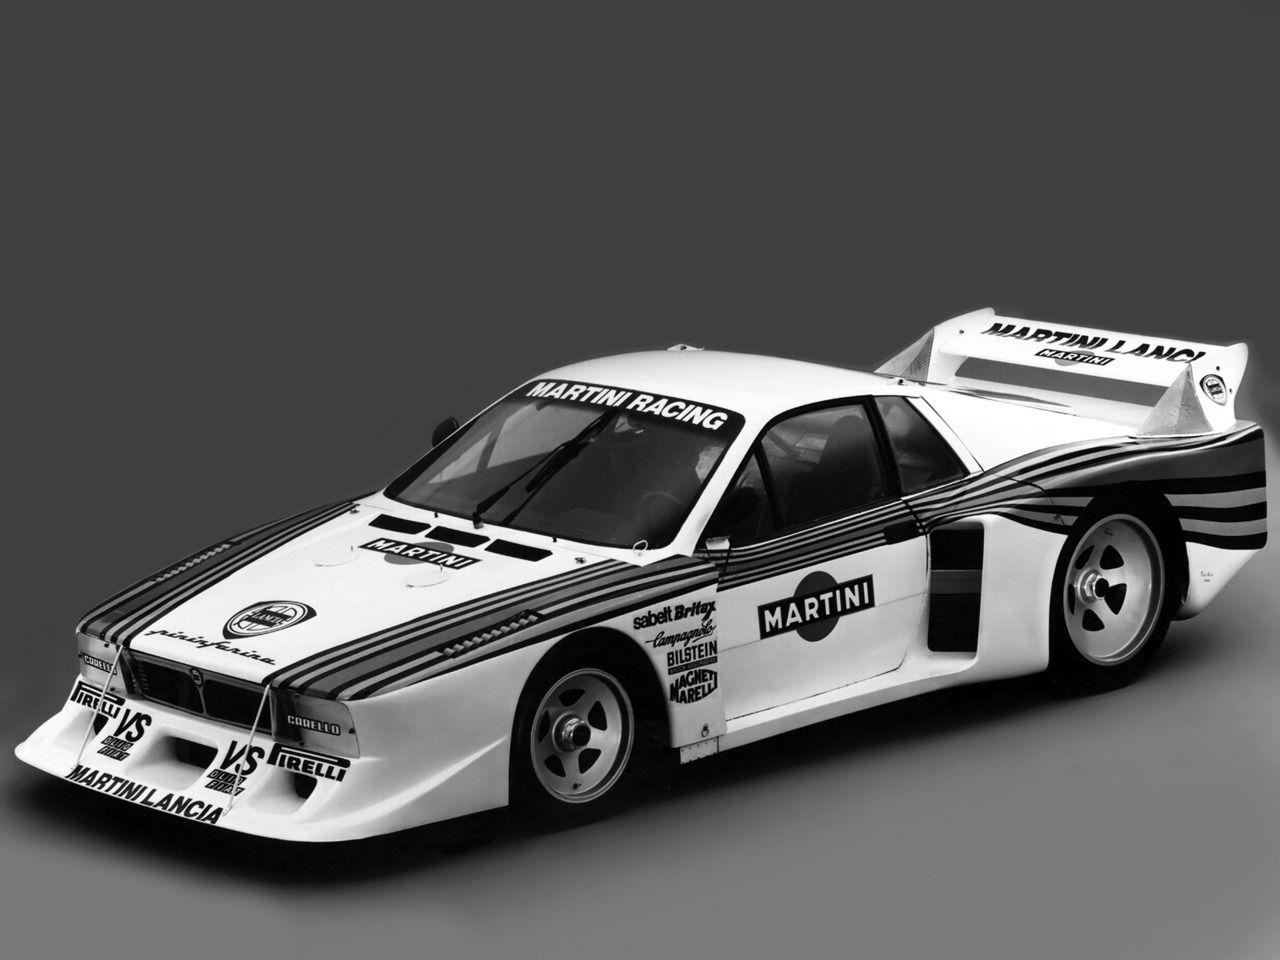 Lancia Beta Montecarlo Turbo Gruppo 5 1978 | lancia fiat & co ...